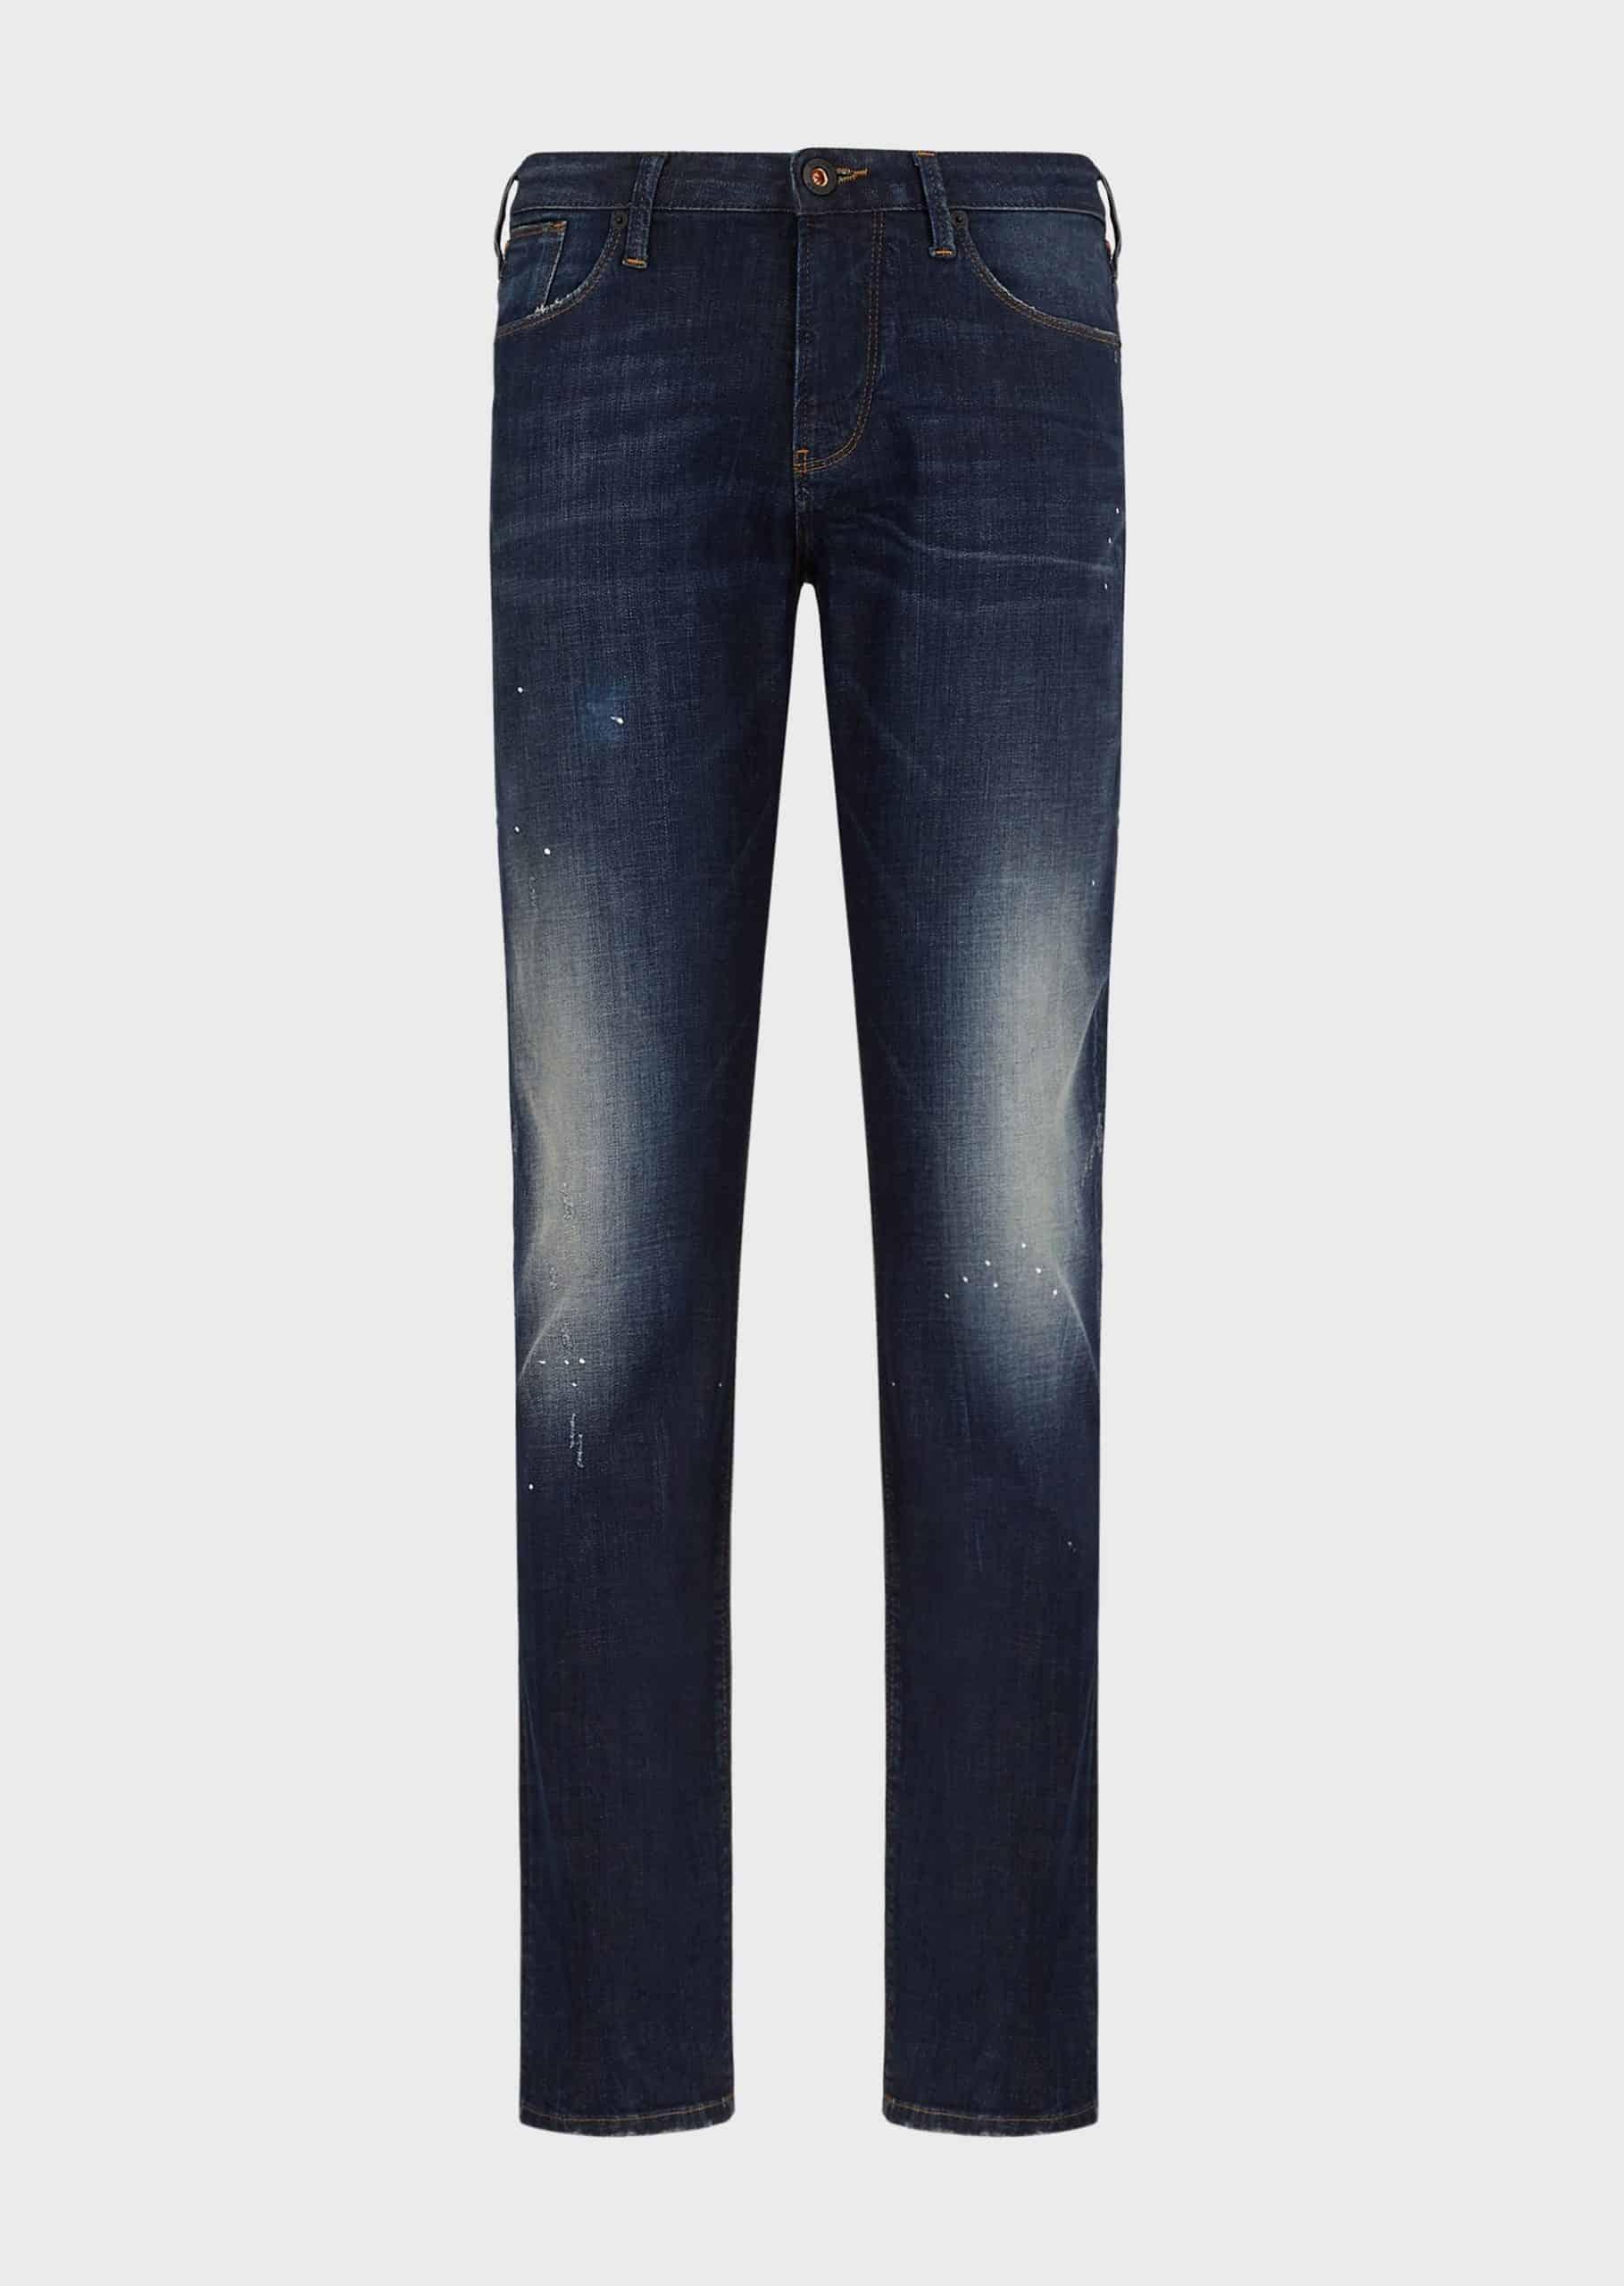 Emporio Armani Jeans Dark Denim Worn